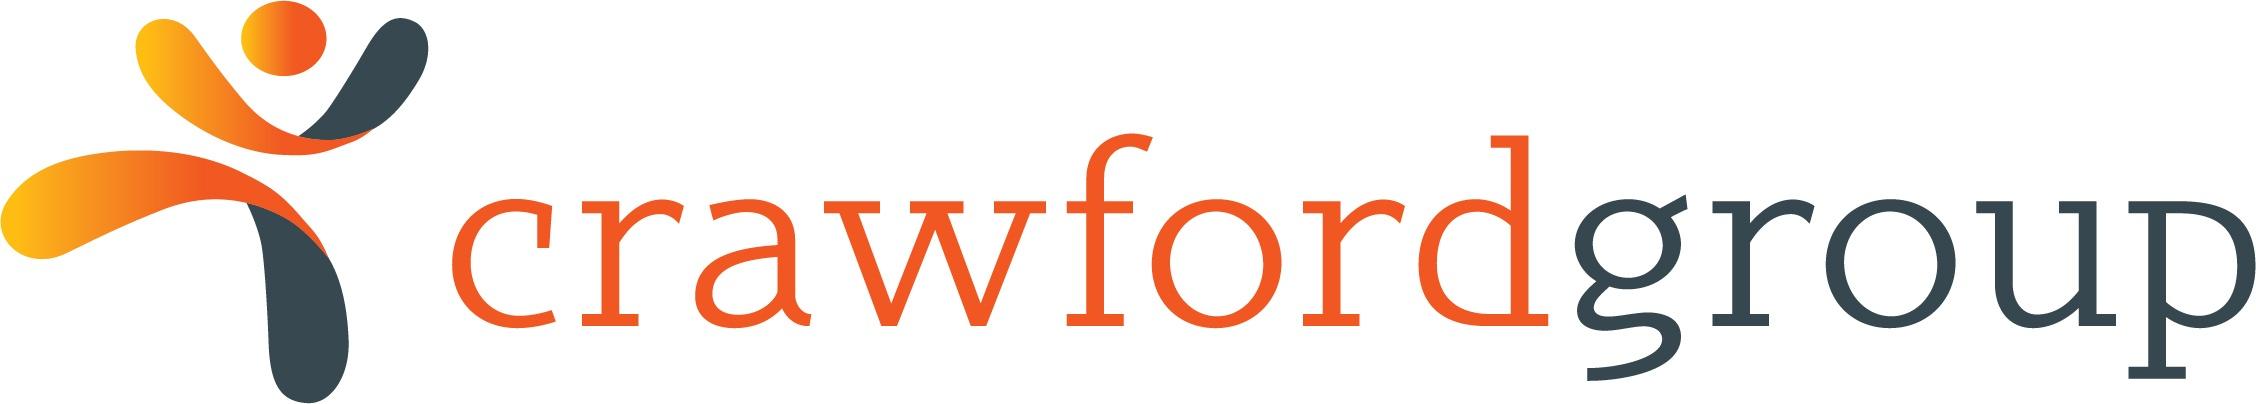 Crawford-Group_logo.jpg